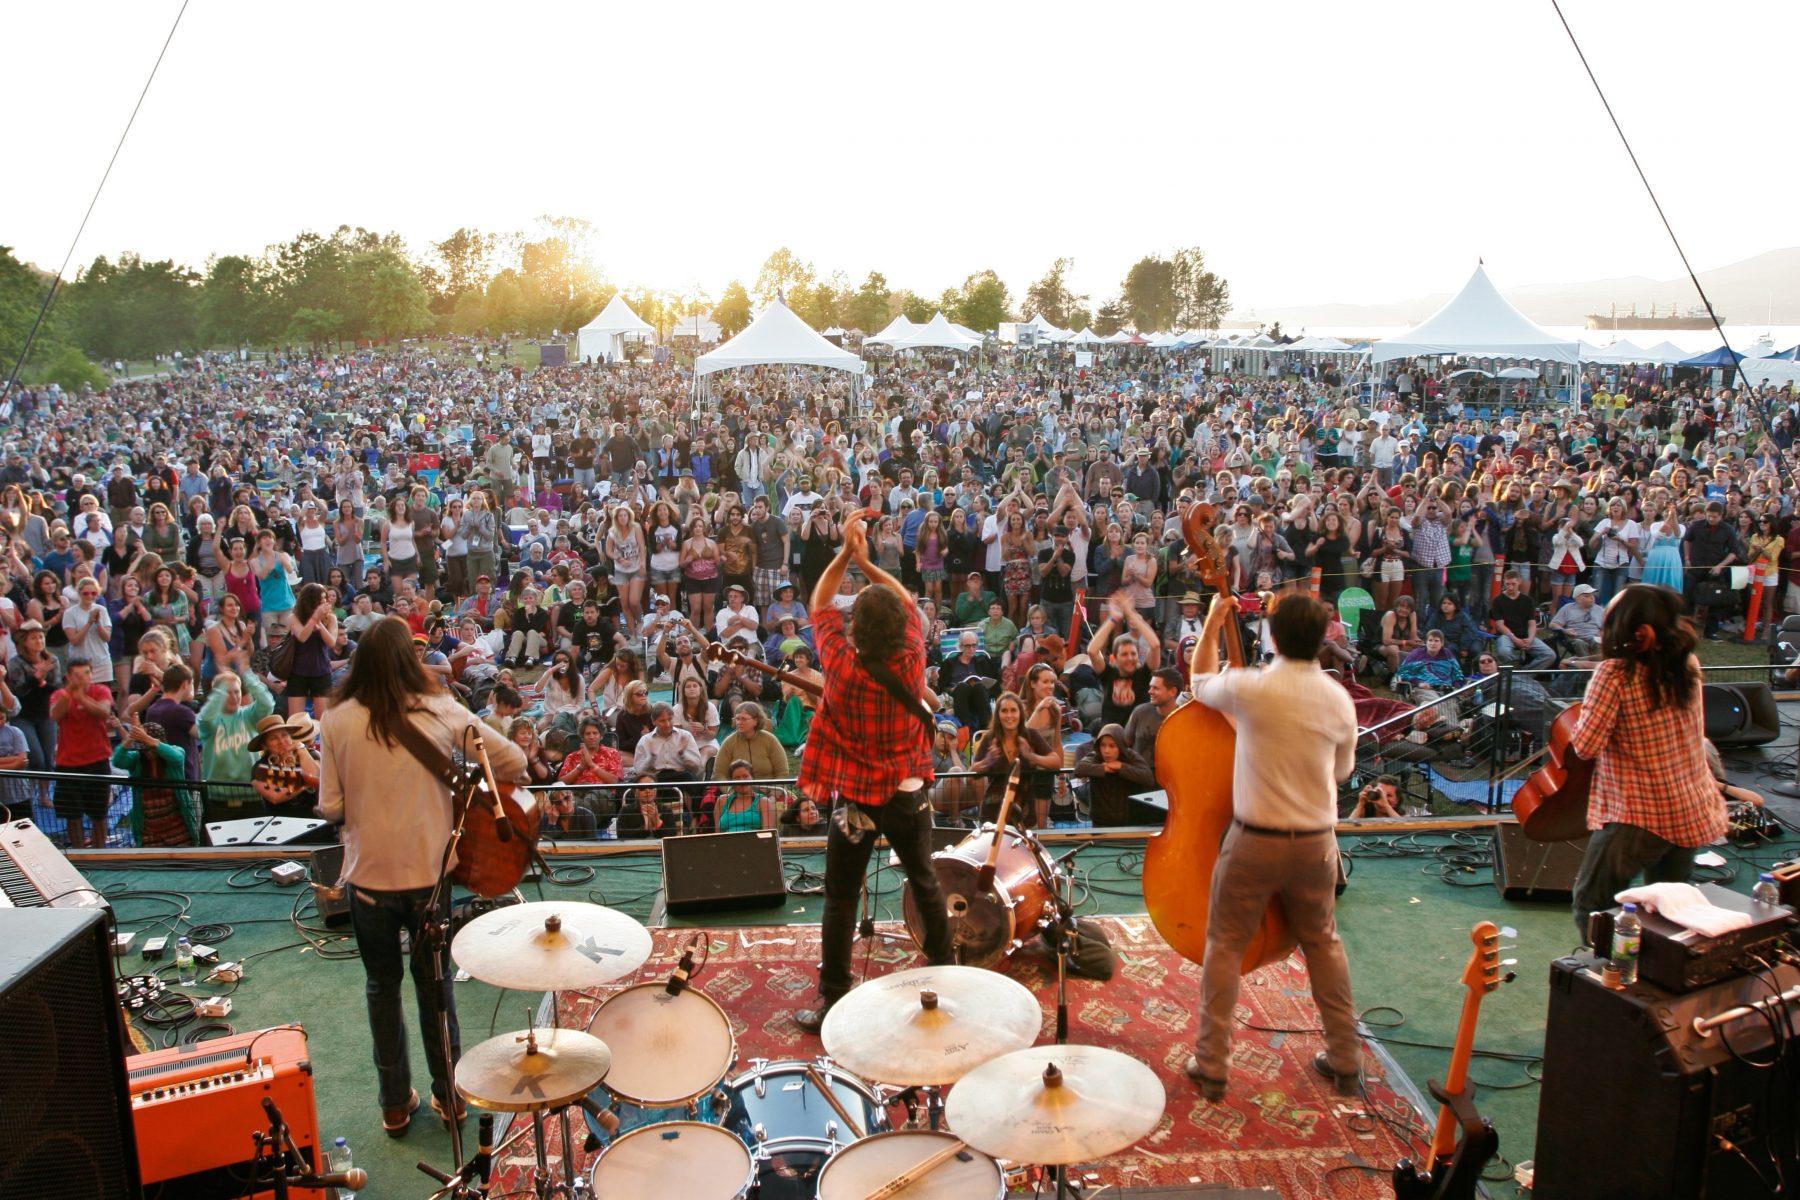 Vancouver Folk Music Festival/Eric Scott